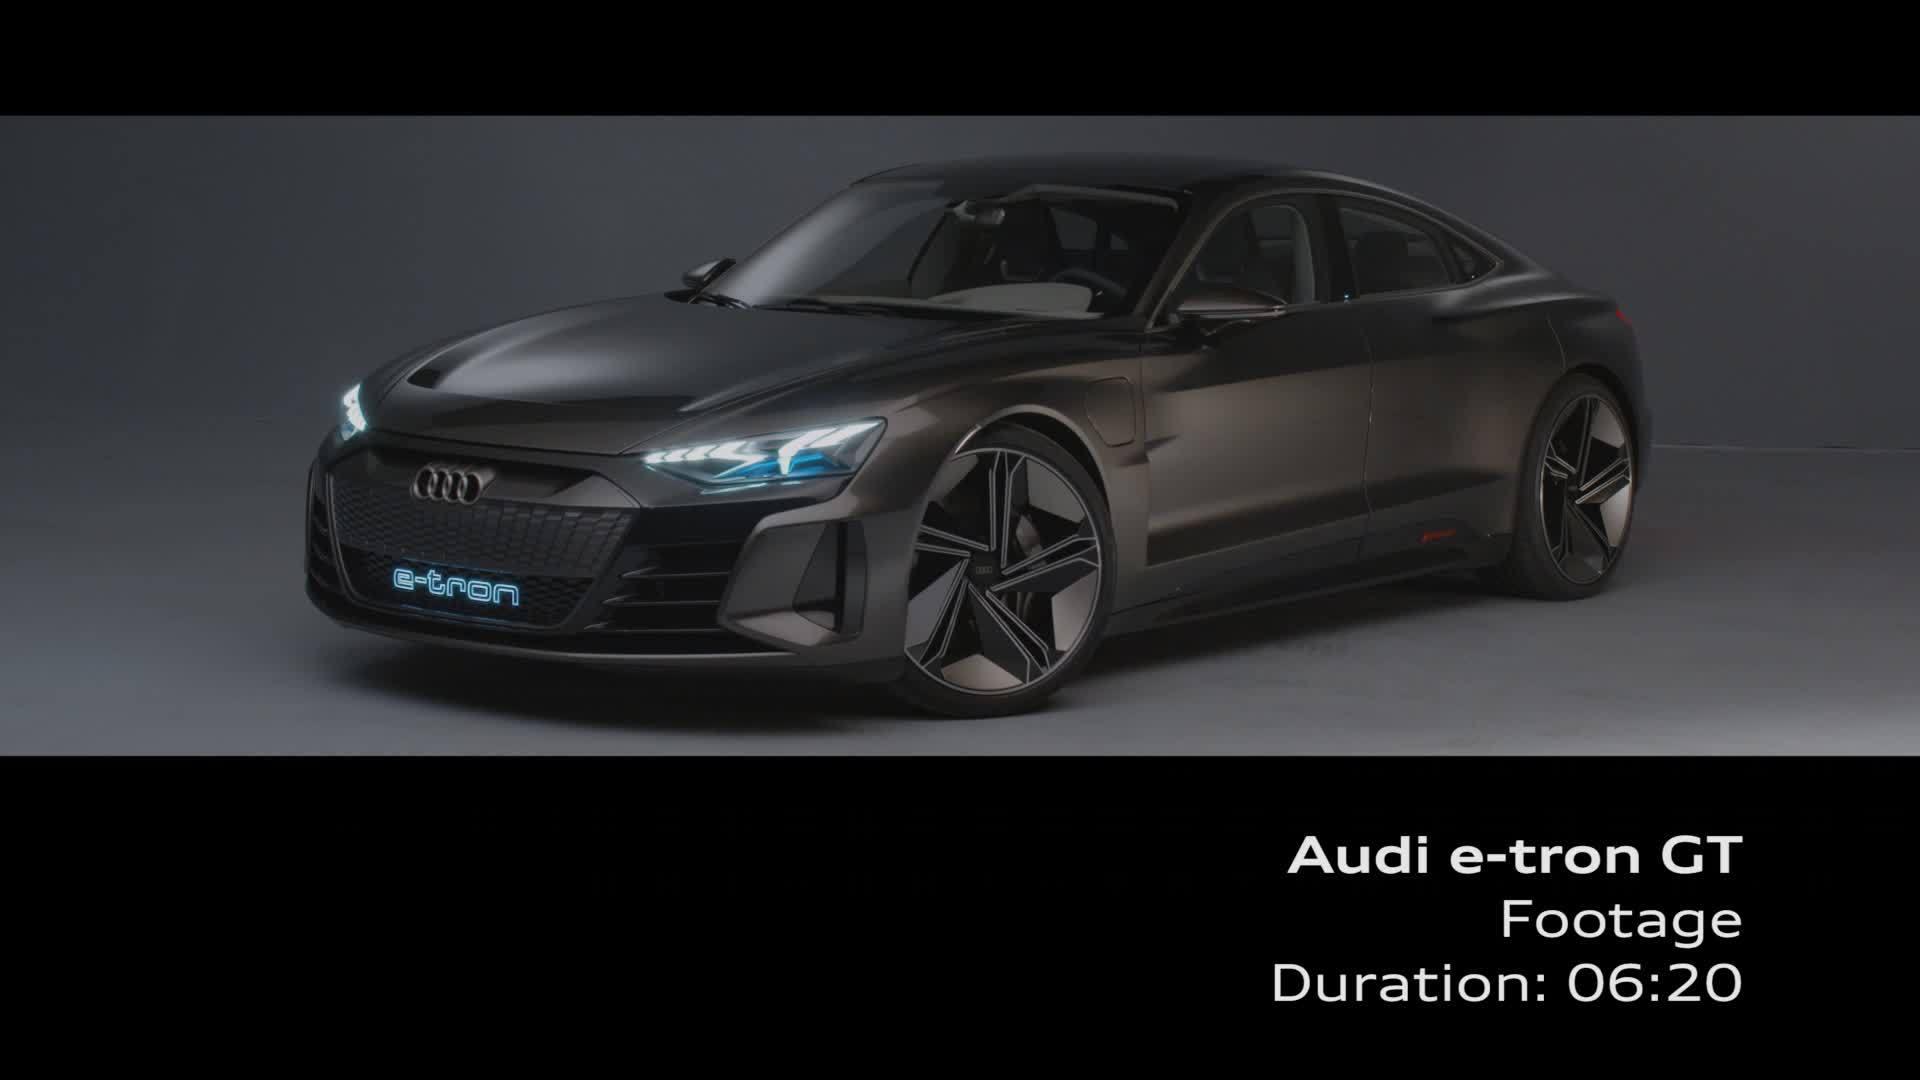 Audi e-tron GT concept (Footage)